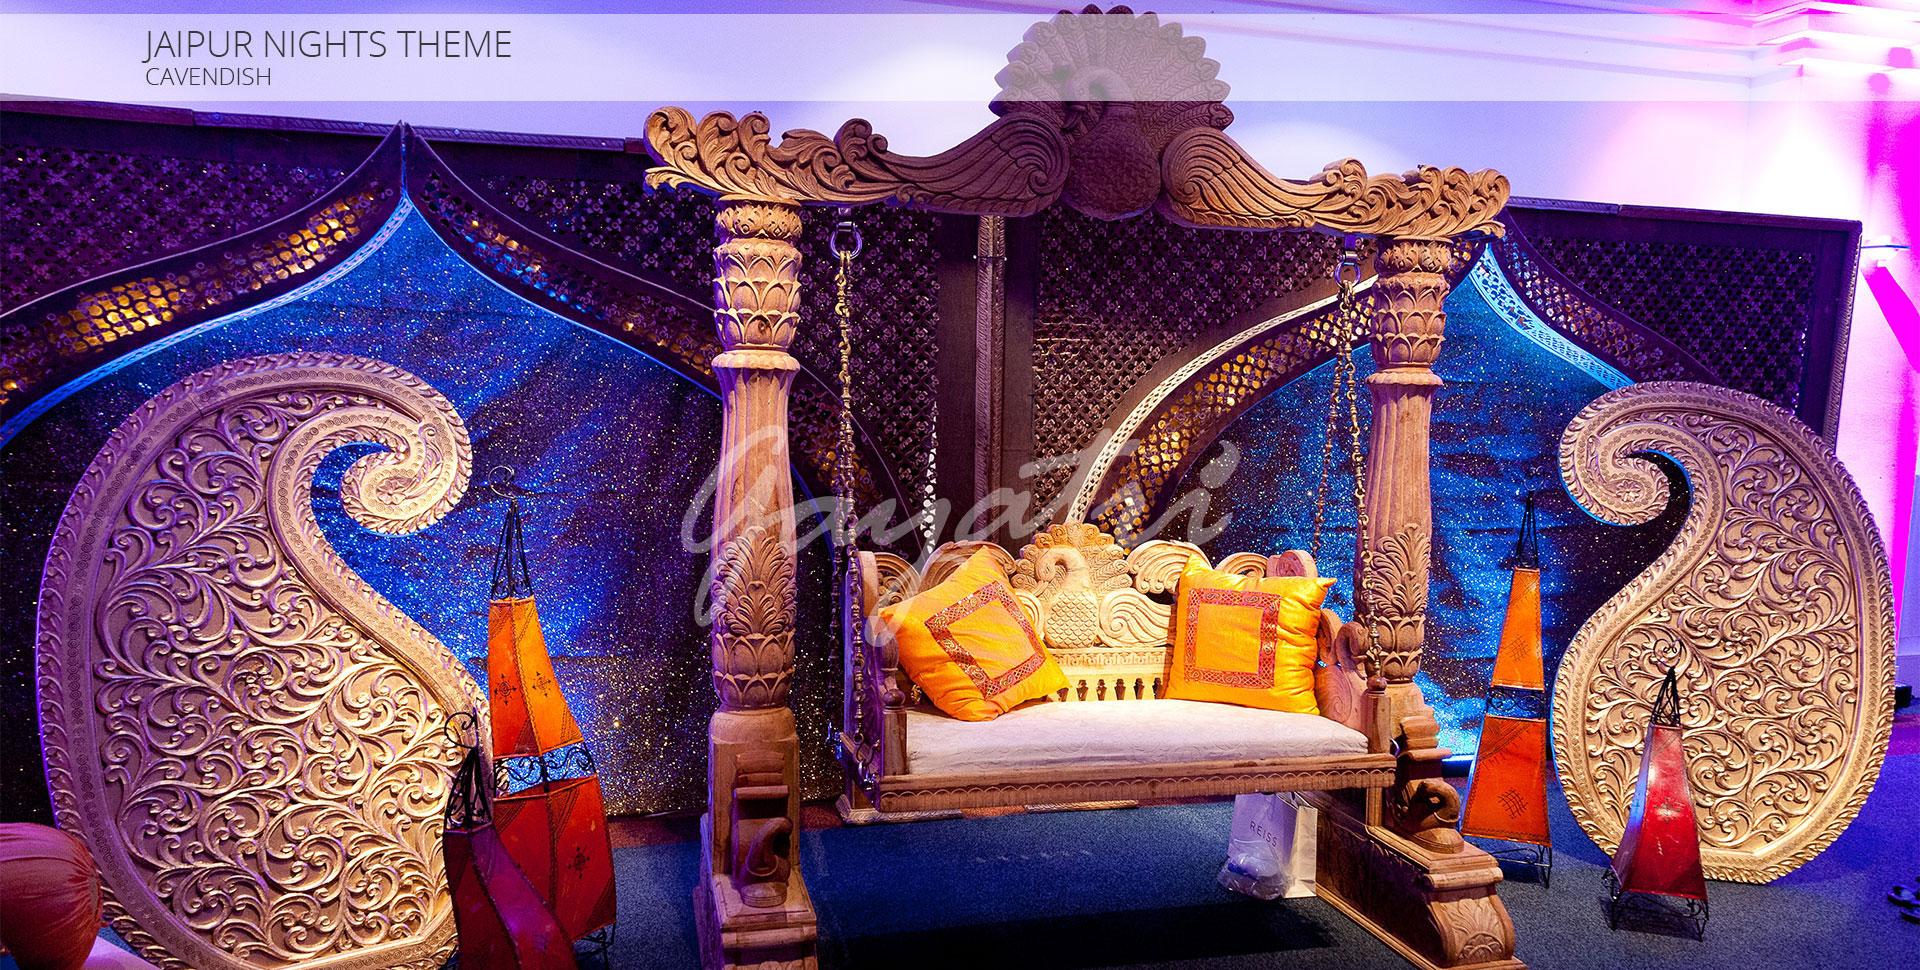 Jaipur Nights